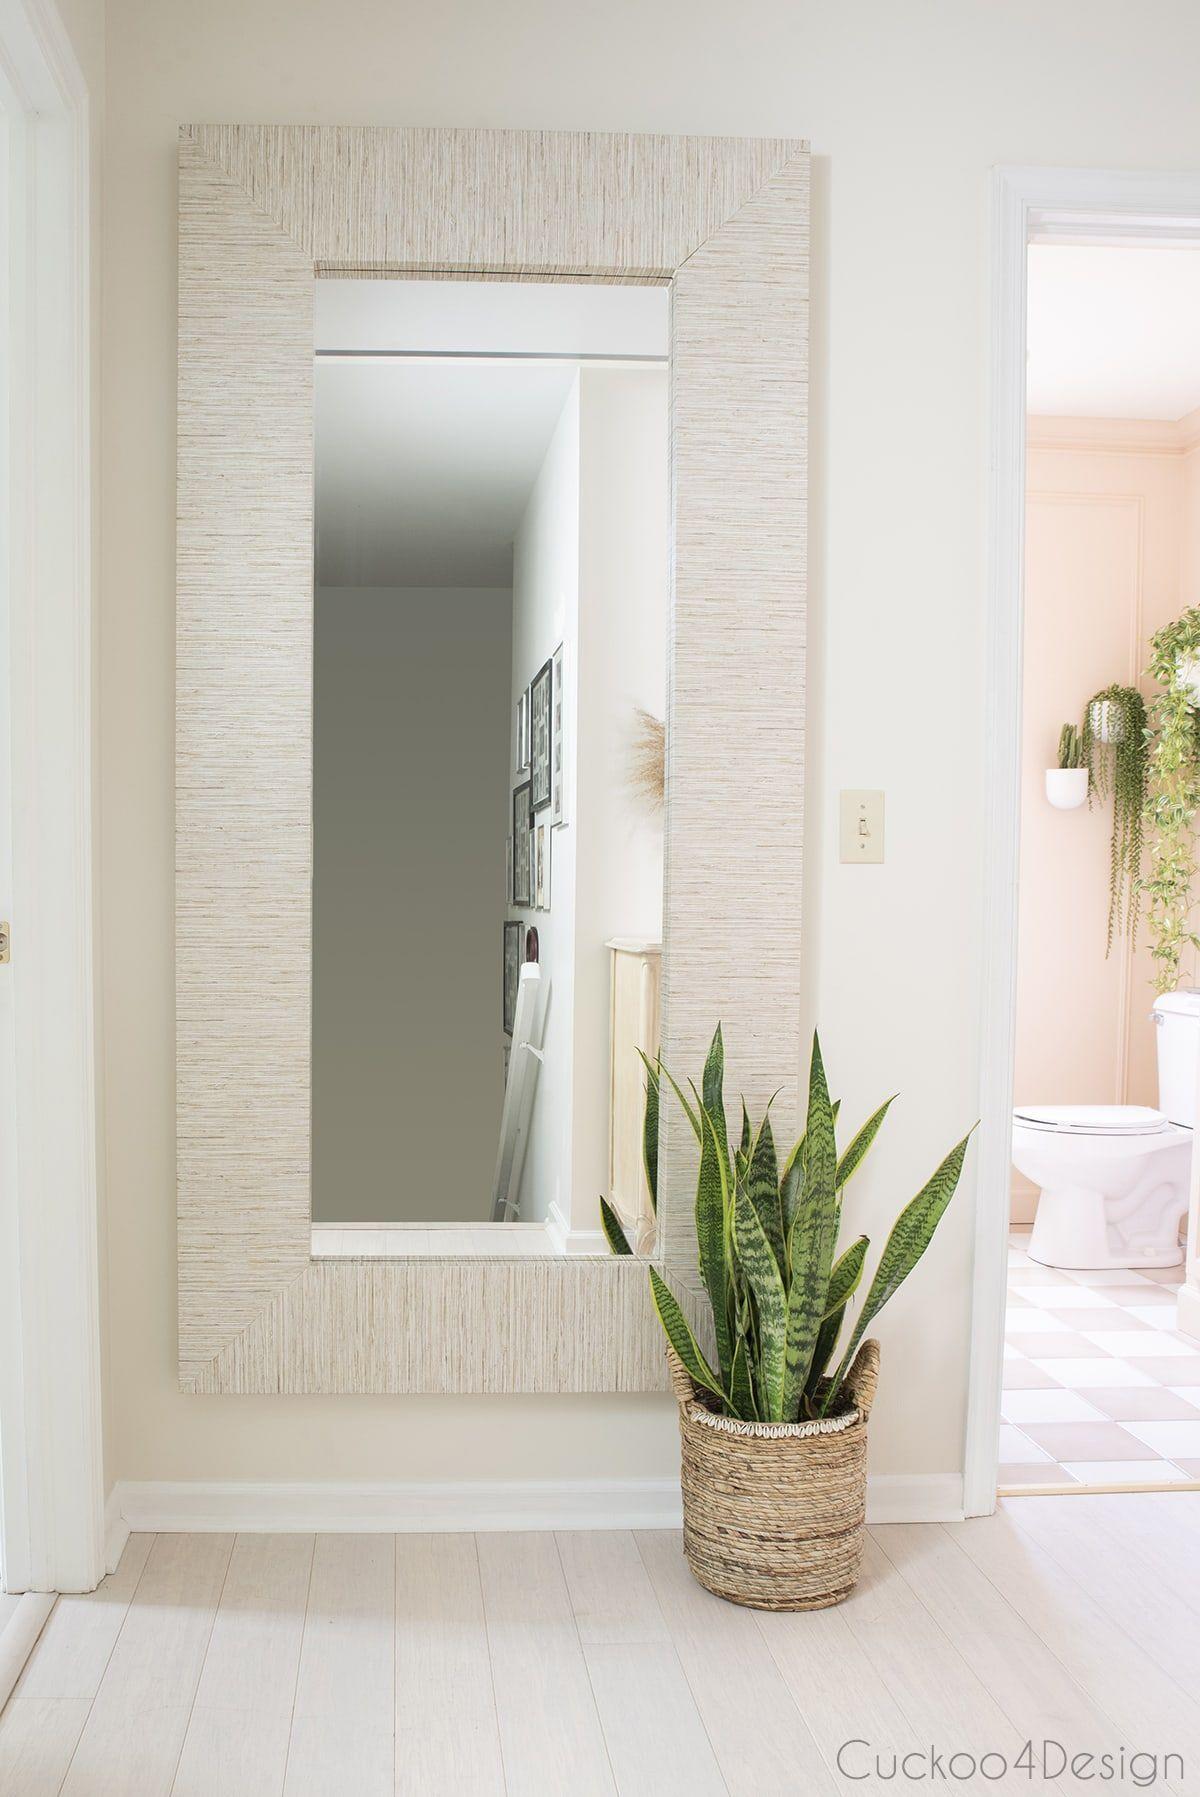 Ikea Mongstad Faux Grasscloth Wallpaper Makeover Ikea Mirror Mirror Makeover Grasscloth Wallpaper